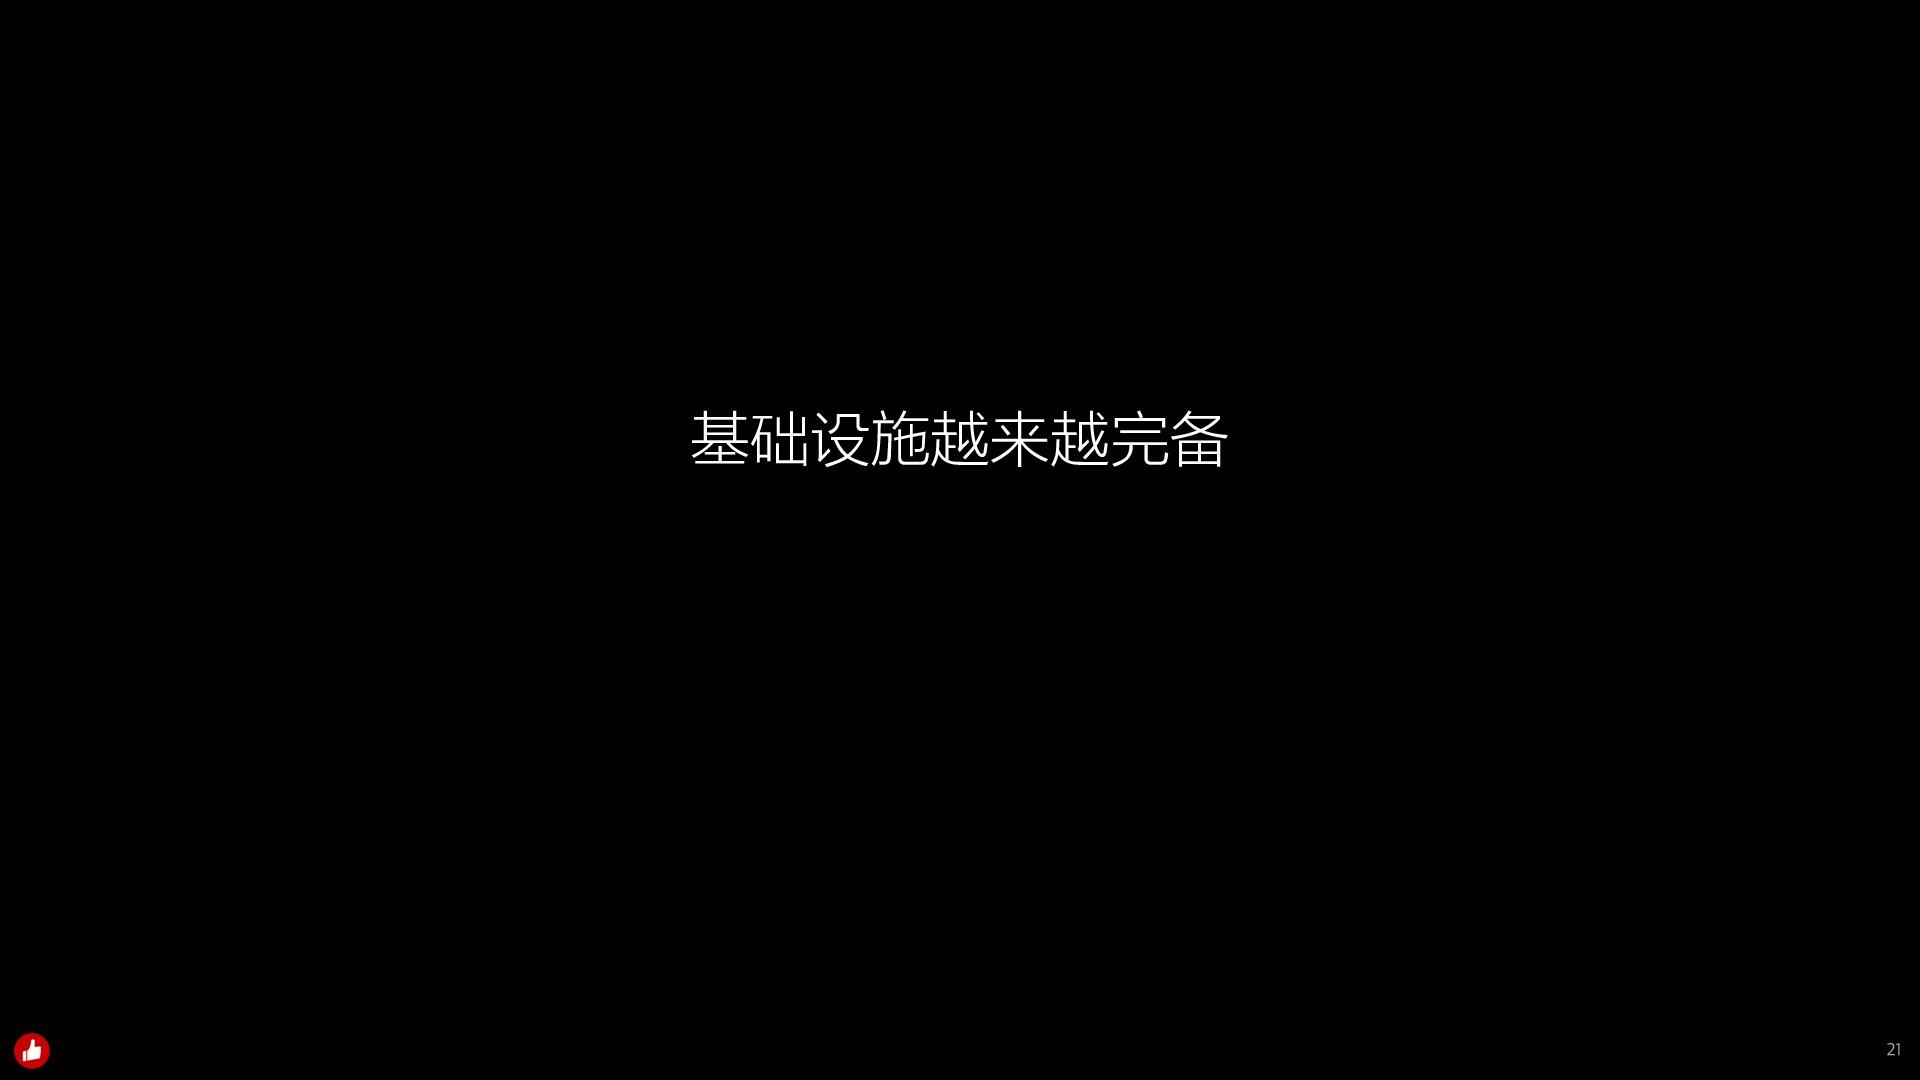 https://opentalk-blog.b0.upaiyun.com/prod/2018-11-26/95095252638a63f04580049e7e1379e5